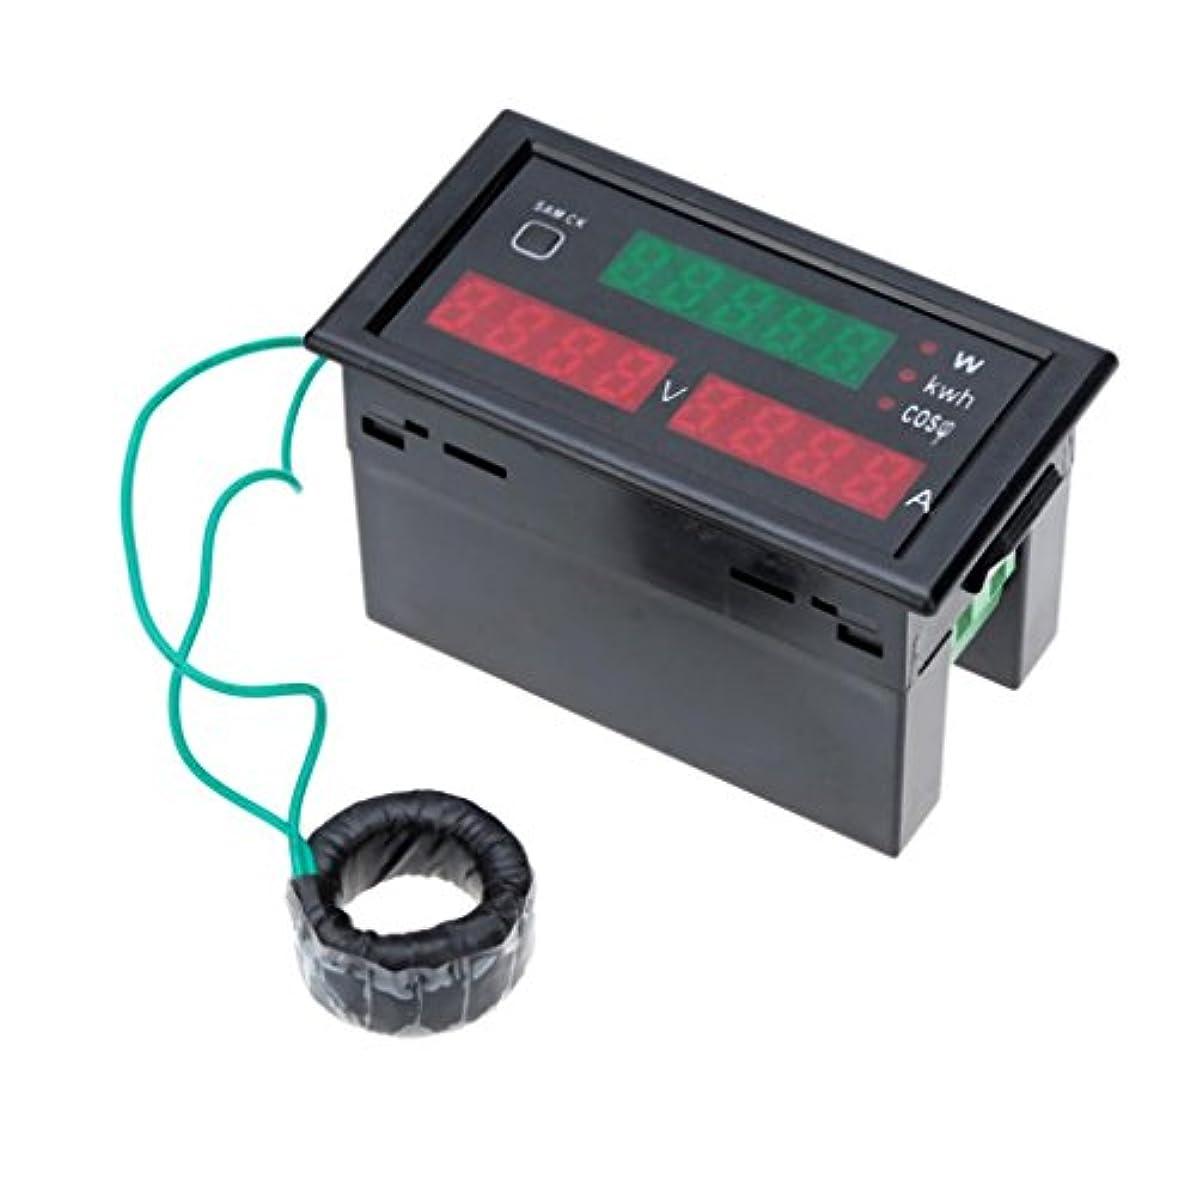 ヒュームペネロペ舞い上がるAC80-300V 100AデジタルLEDアンプボルトメーター電源電気エネルギーテスター&CT